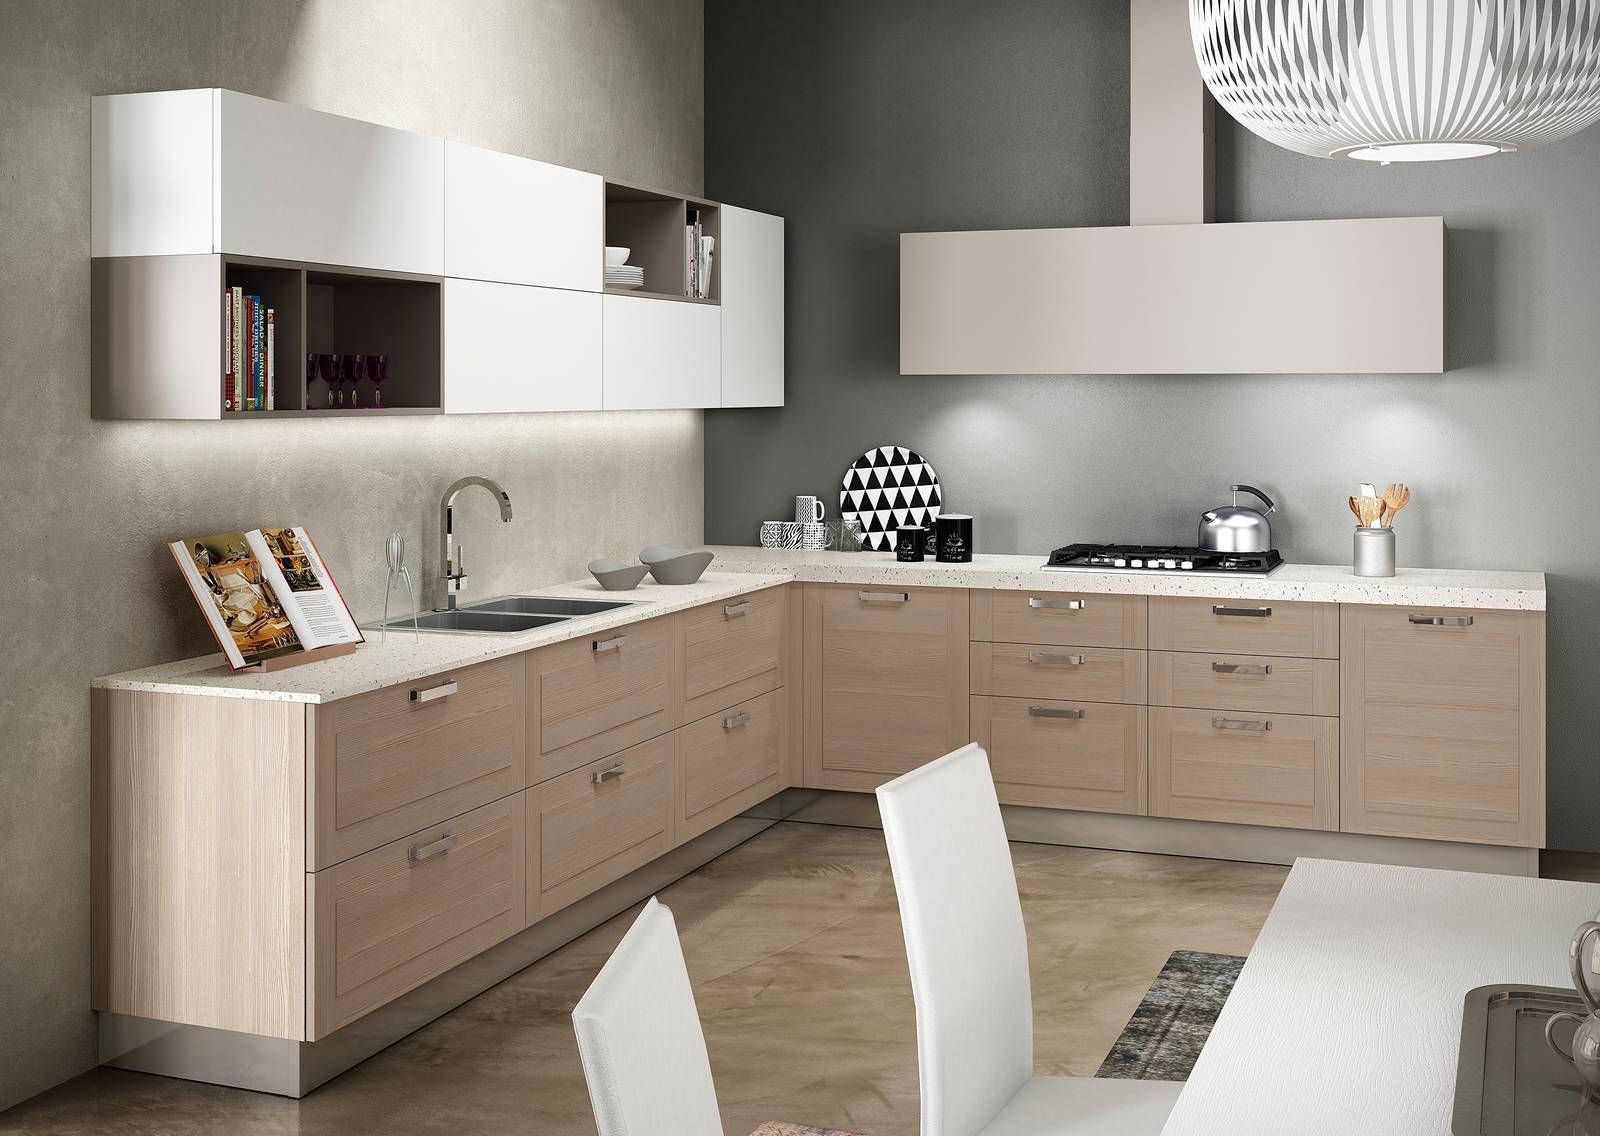 Cucina effetto legno la bellezza dell 39 essenza con i vantaggi economici dei materiali che la - Cucine berloni prezzo ...